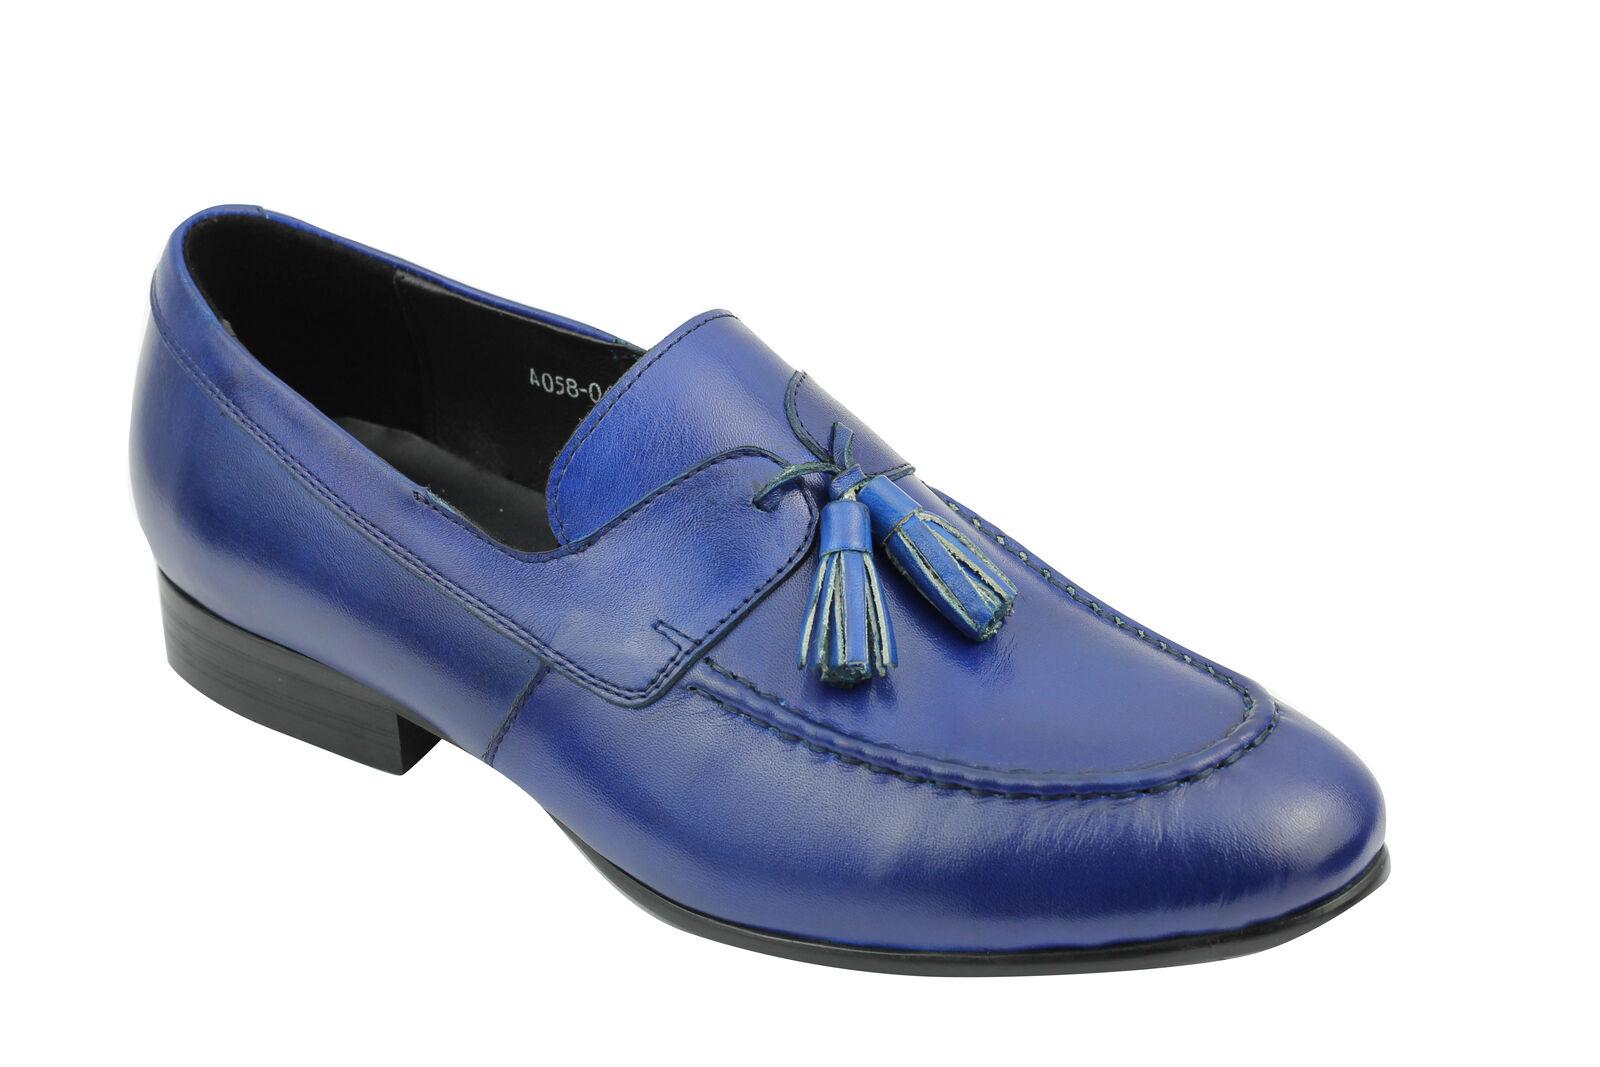 POLO da uomo blu Vera Pelle Nappa Mocassini Mocassini Smart Casual Vintage Mod Scarpe